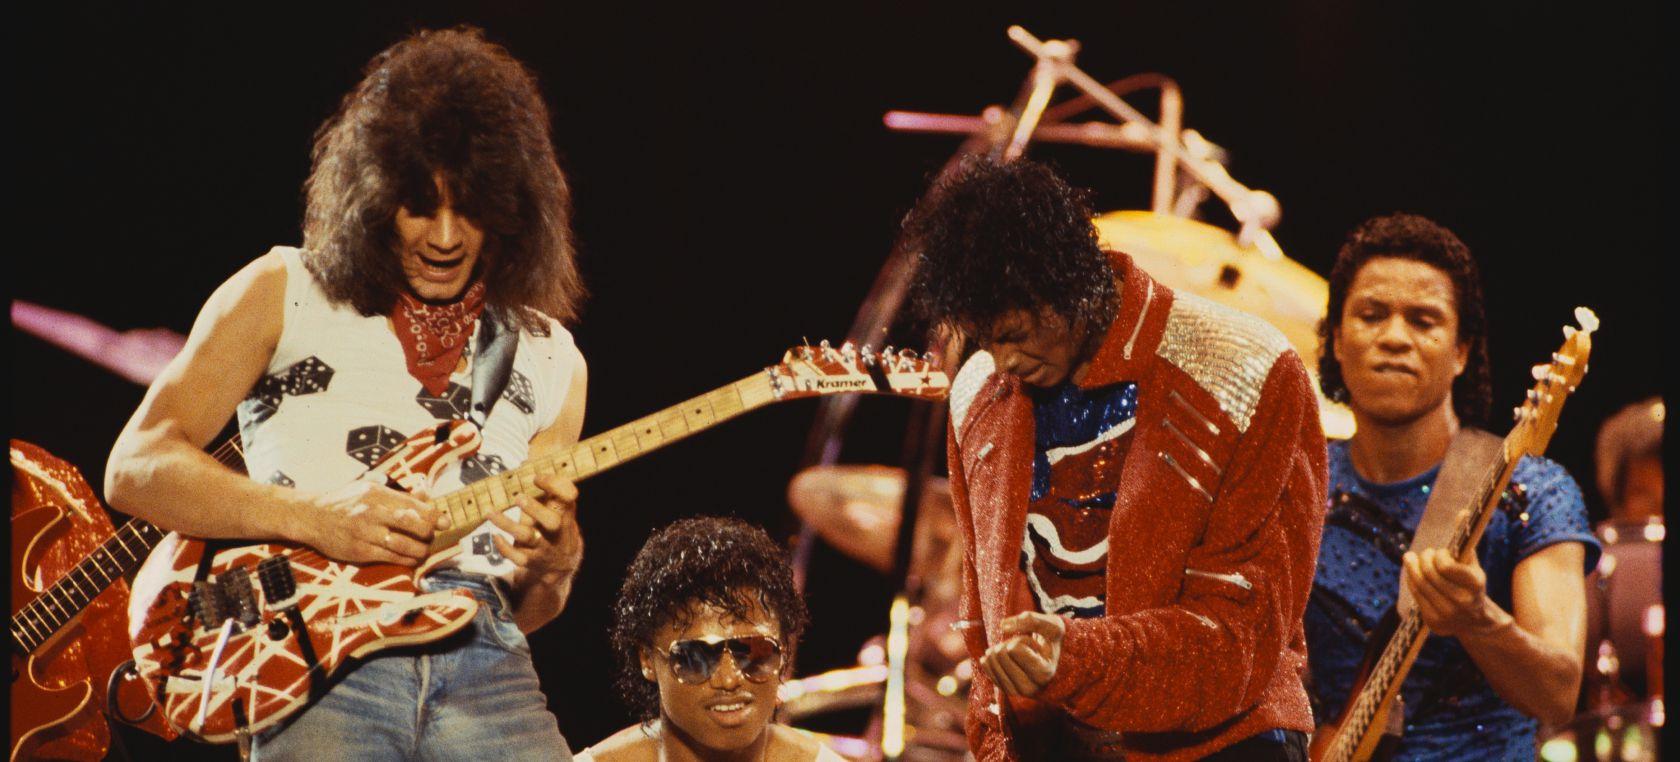 Así fue como Eddie Van Halen mejoró 'Beat it' de Michael Jackson a cambio de unas cervezas